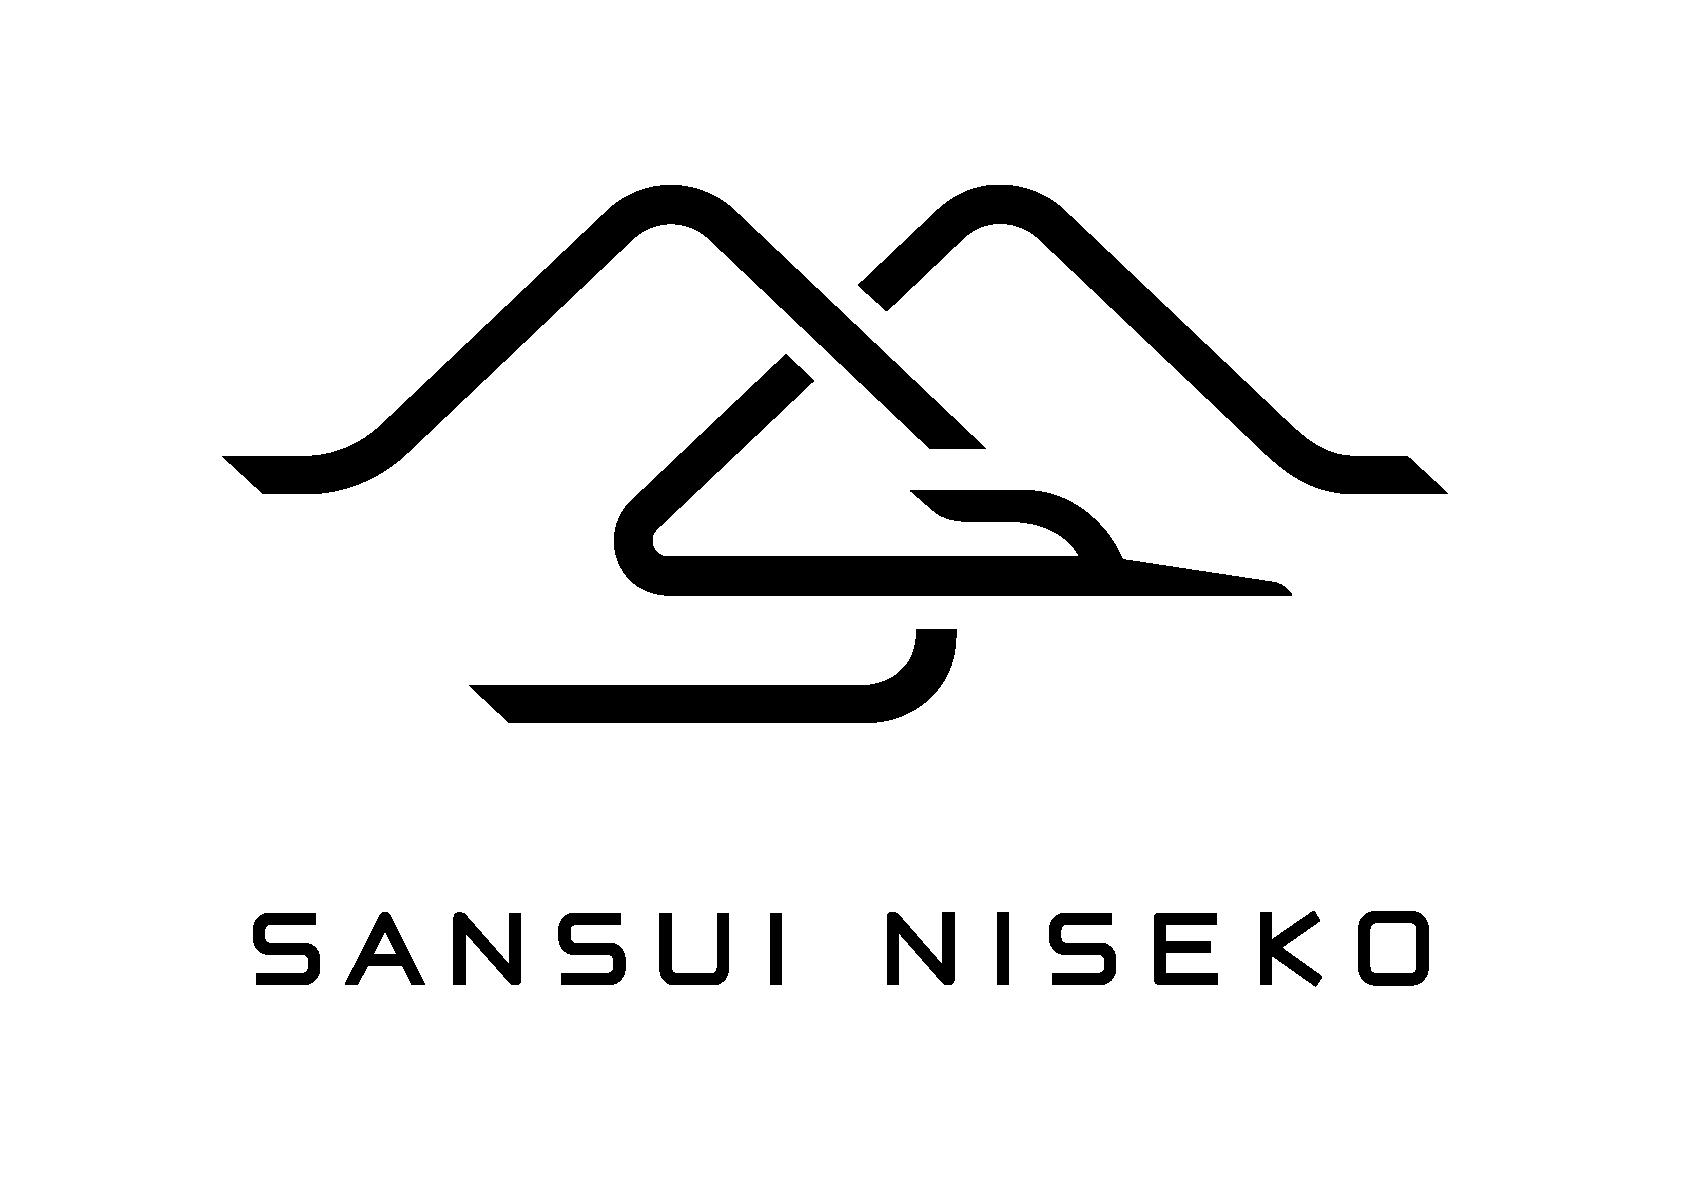 Sansui Niseko lockup black